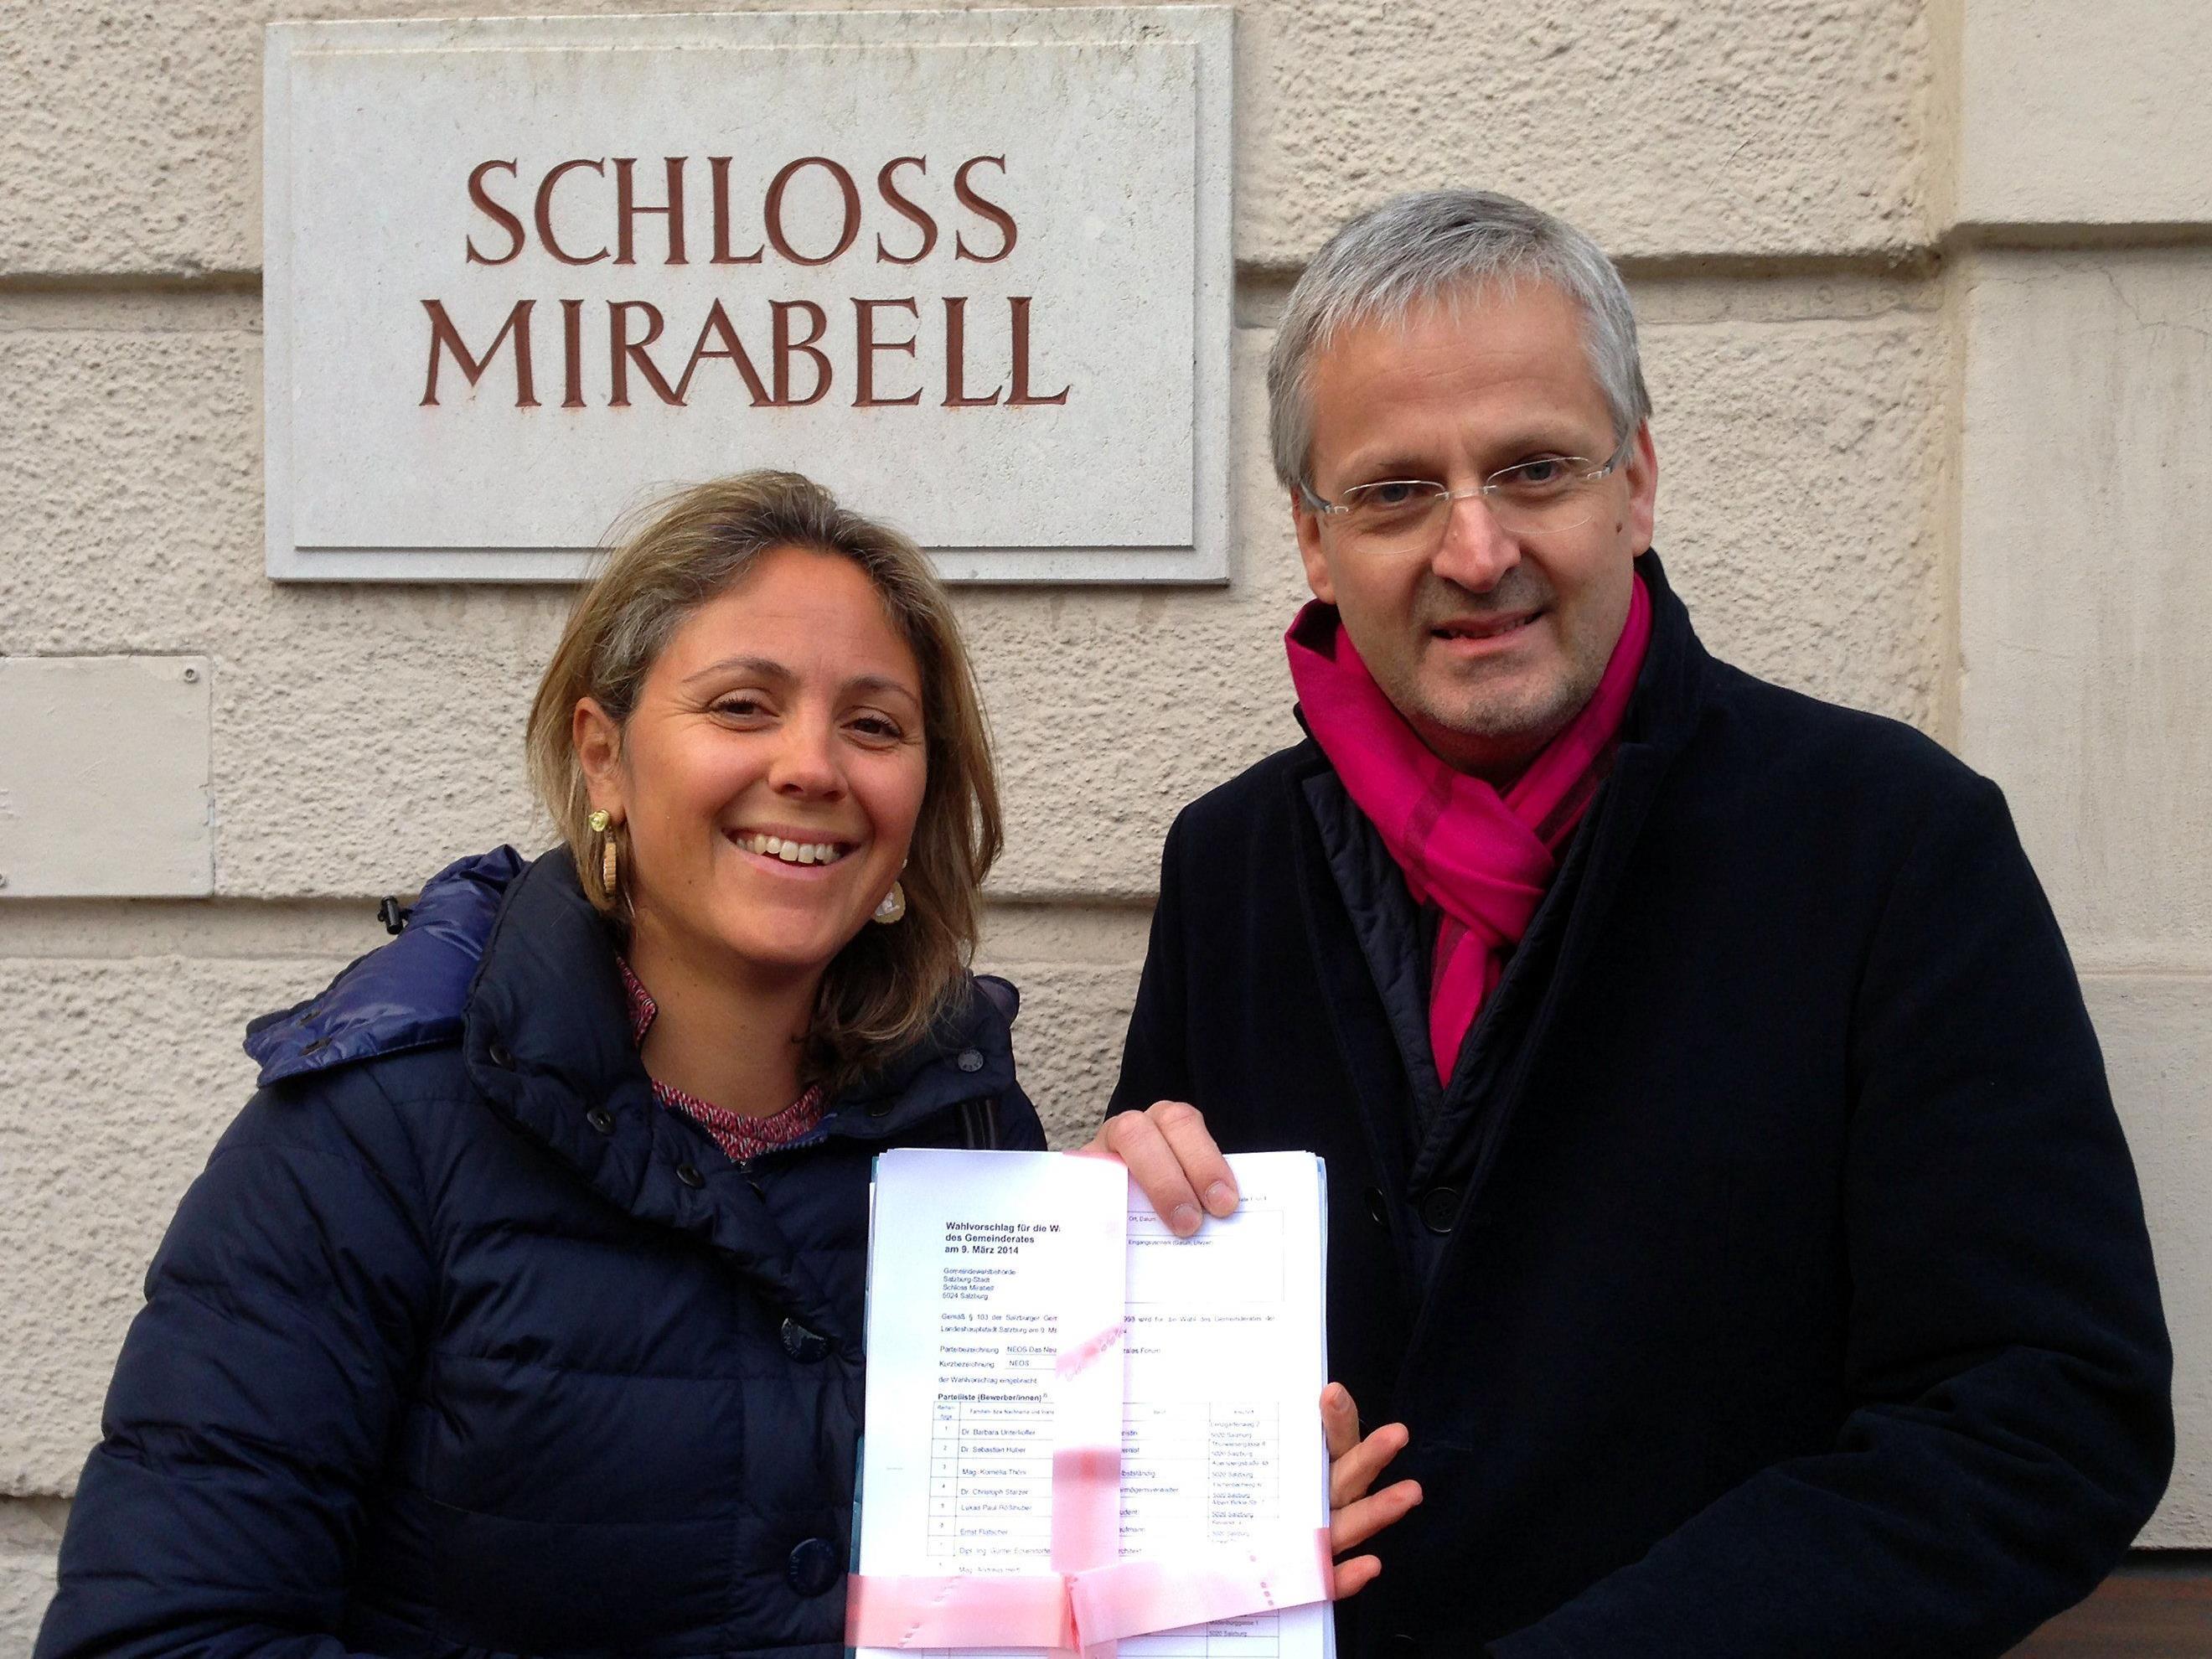 Barbara Unterkofler und Sebastian Huber vor der Wahlbehörde.